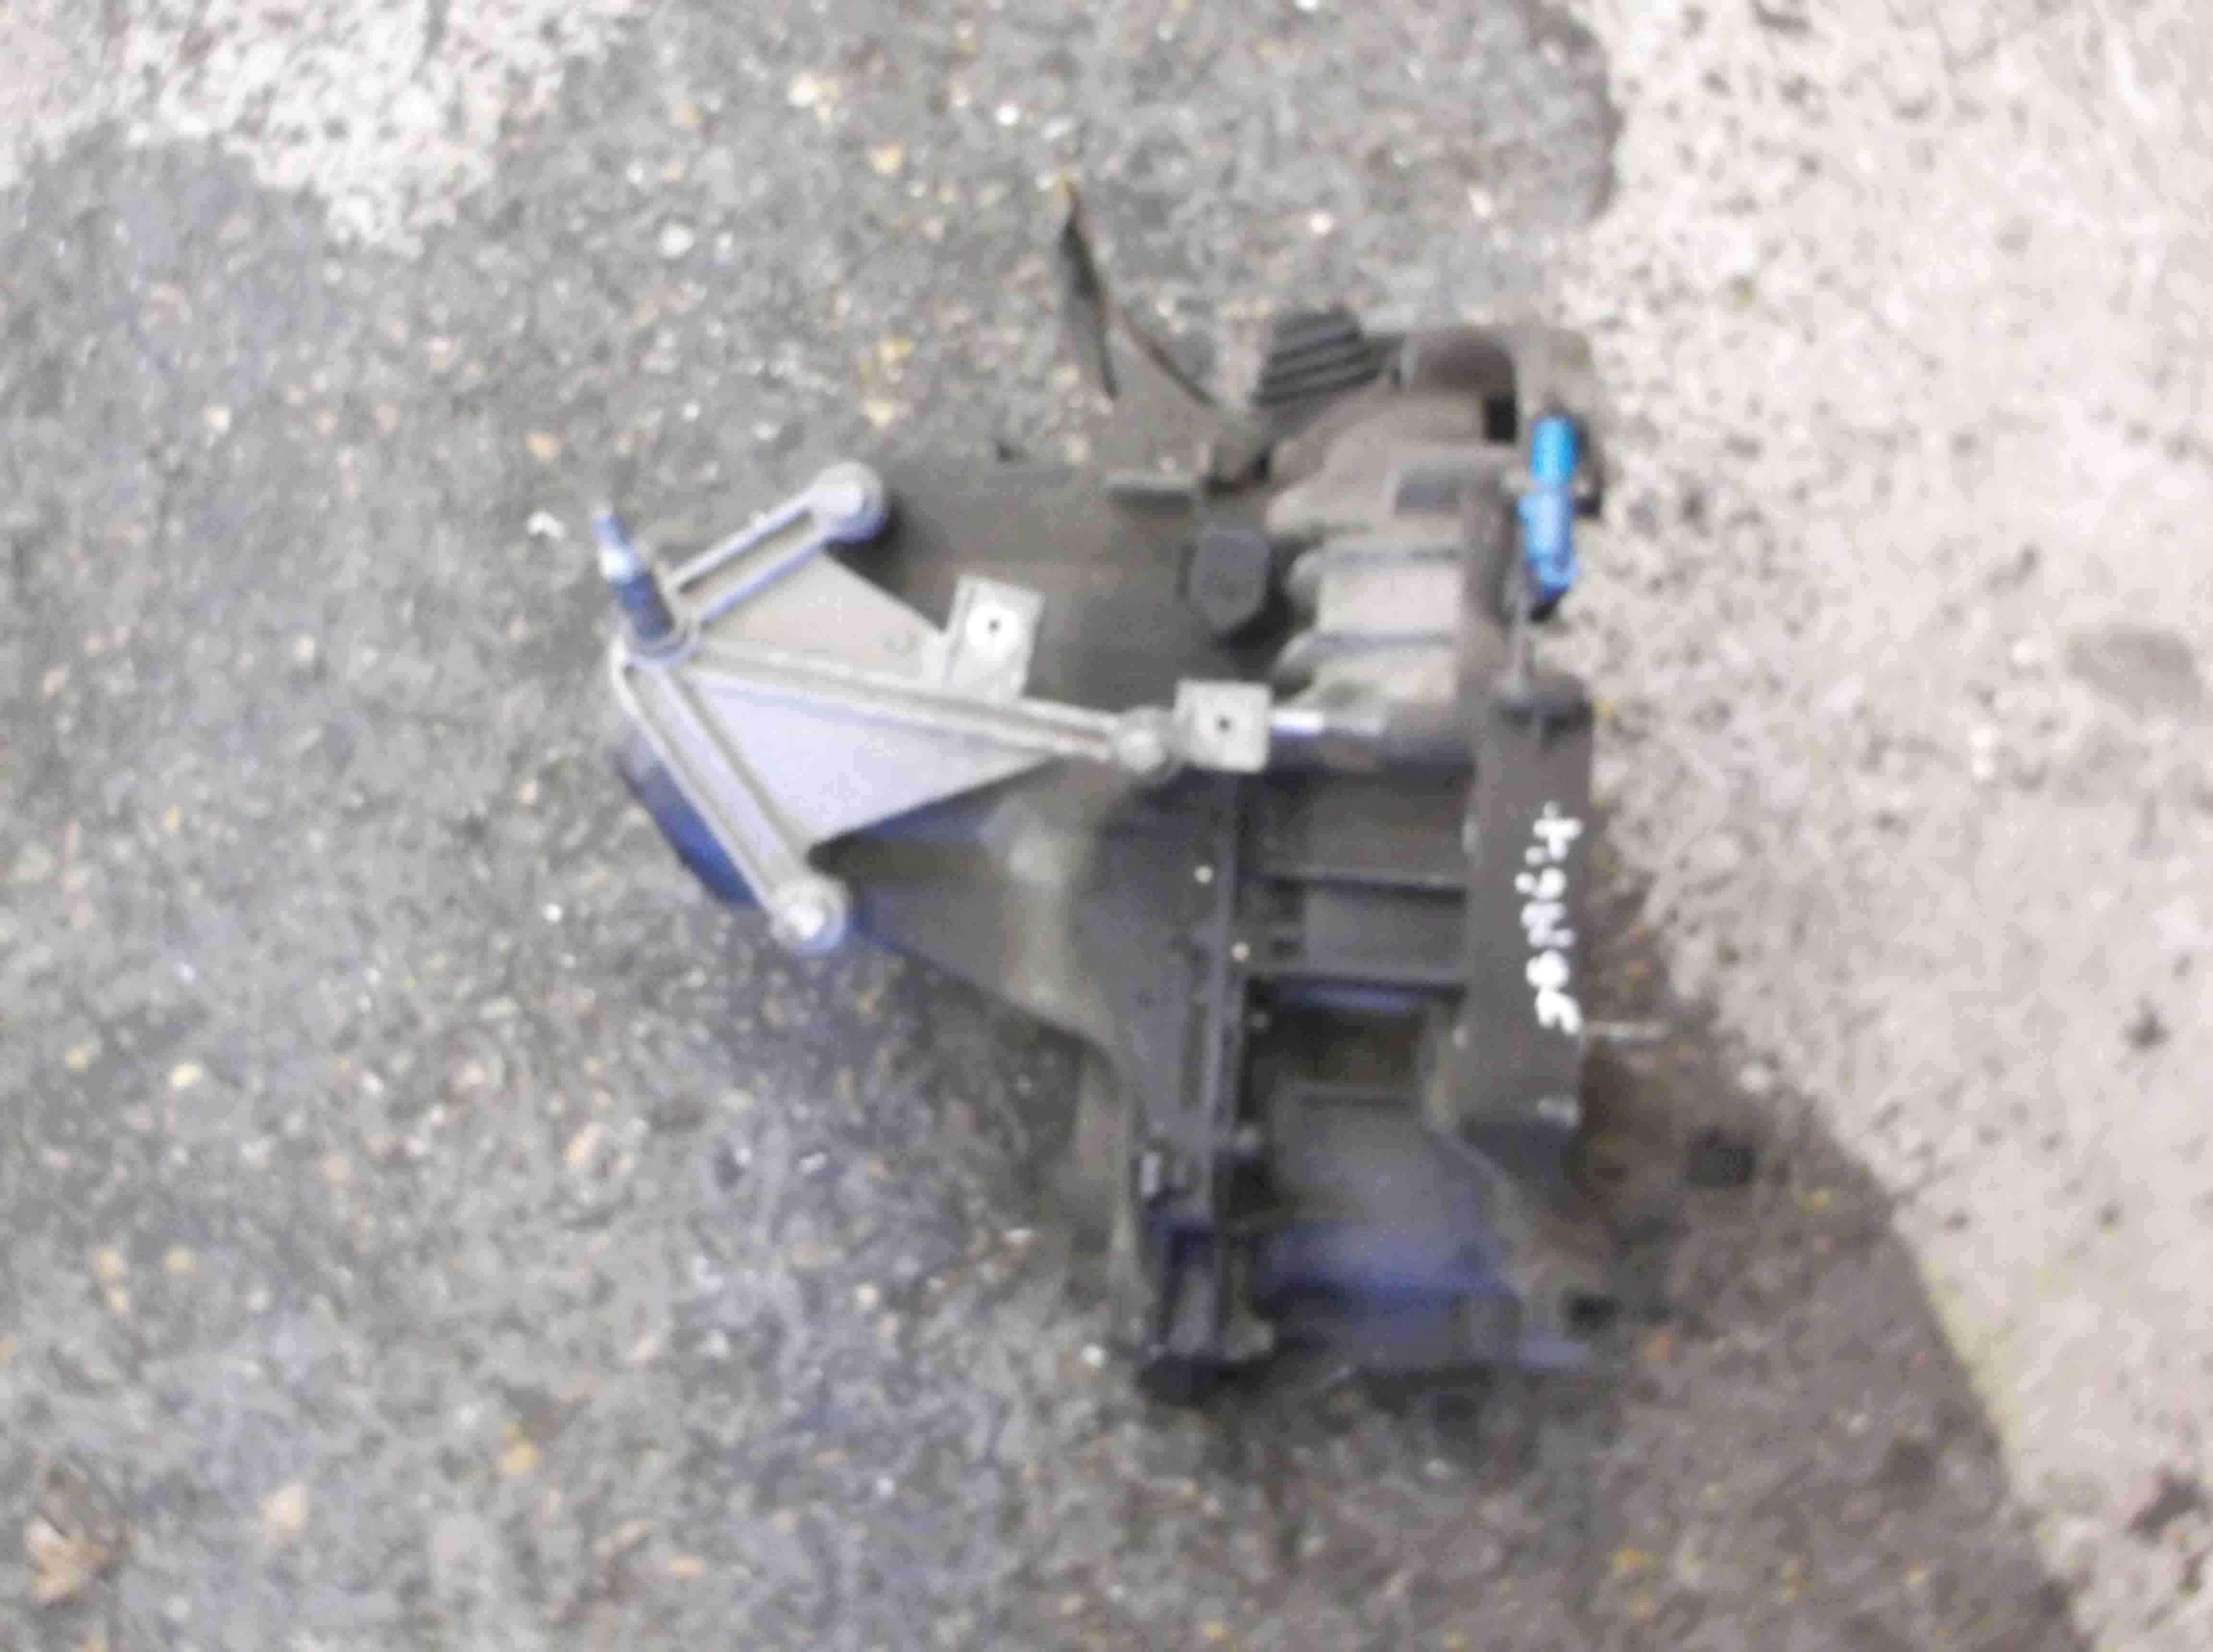 Renault Clio MK2 1998-2001  1.4 8v Gearbox JB1 964 E7J 634